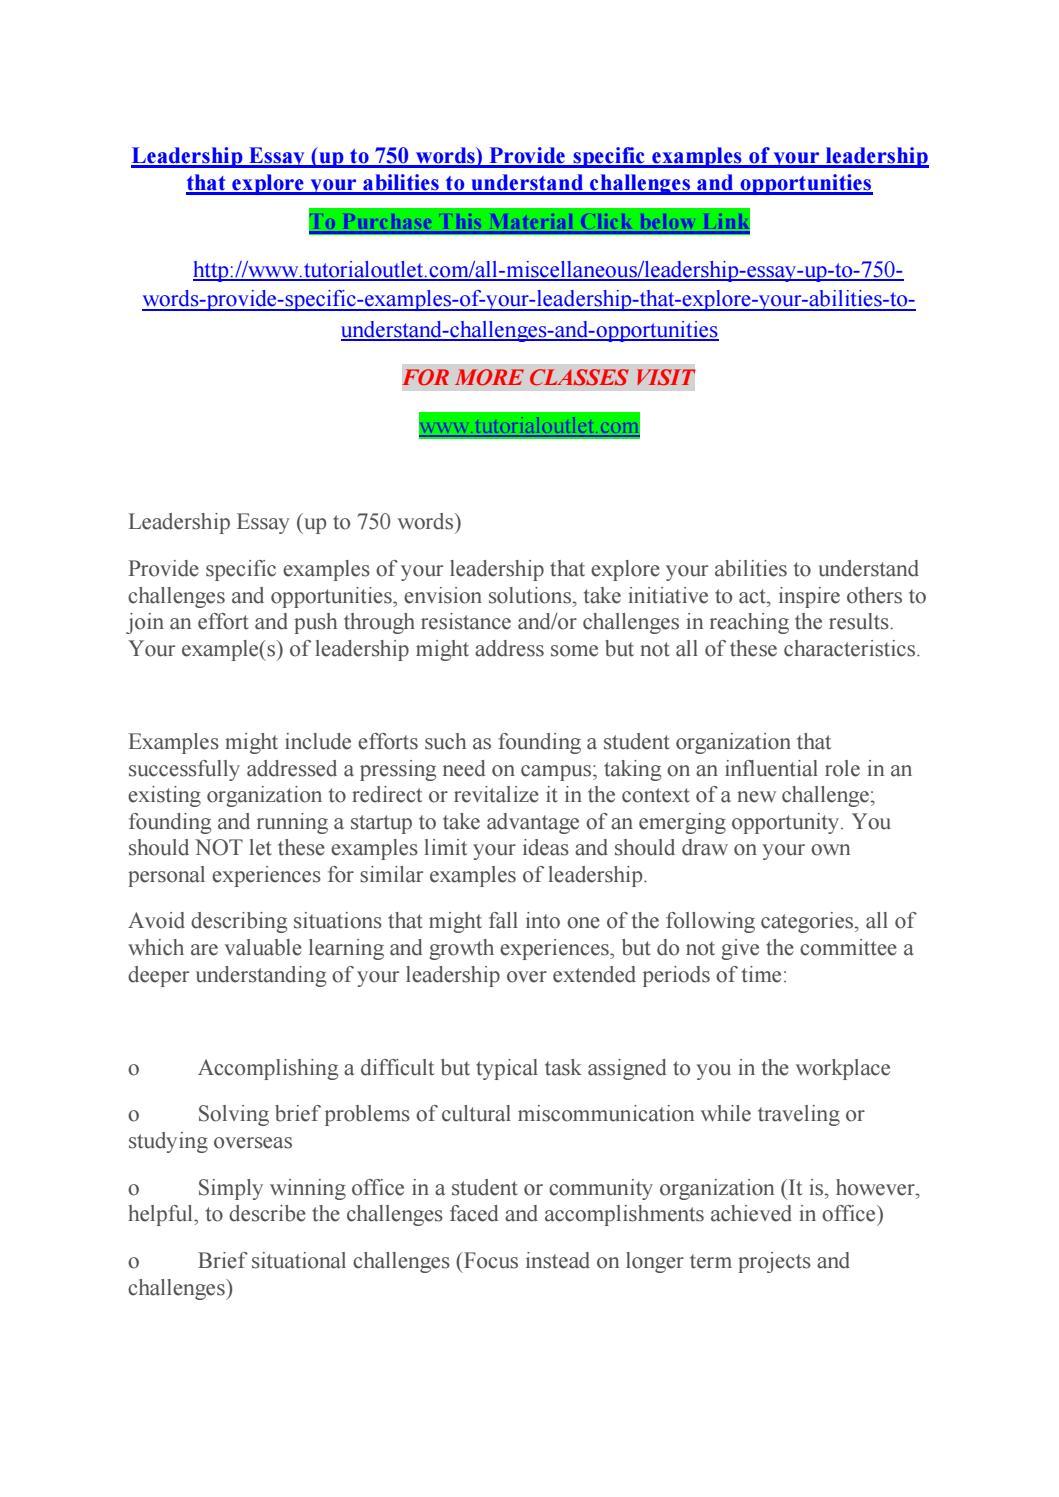 Essay describing leadership experience popular reflective essay writing service gb